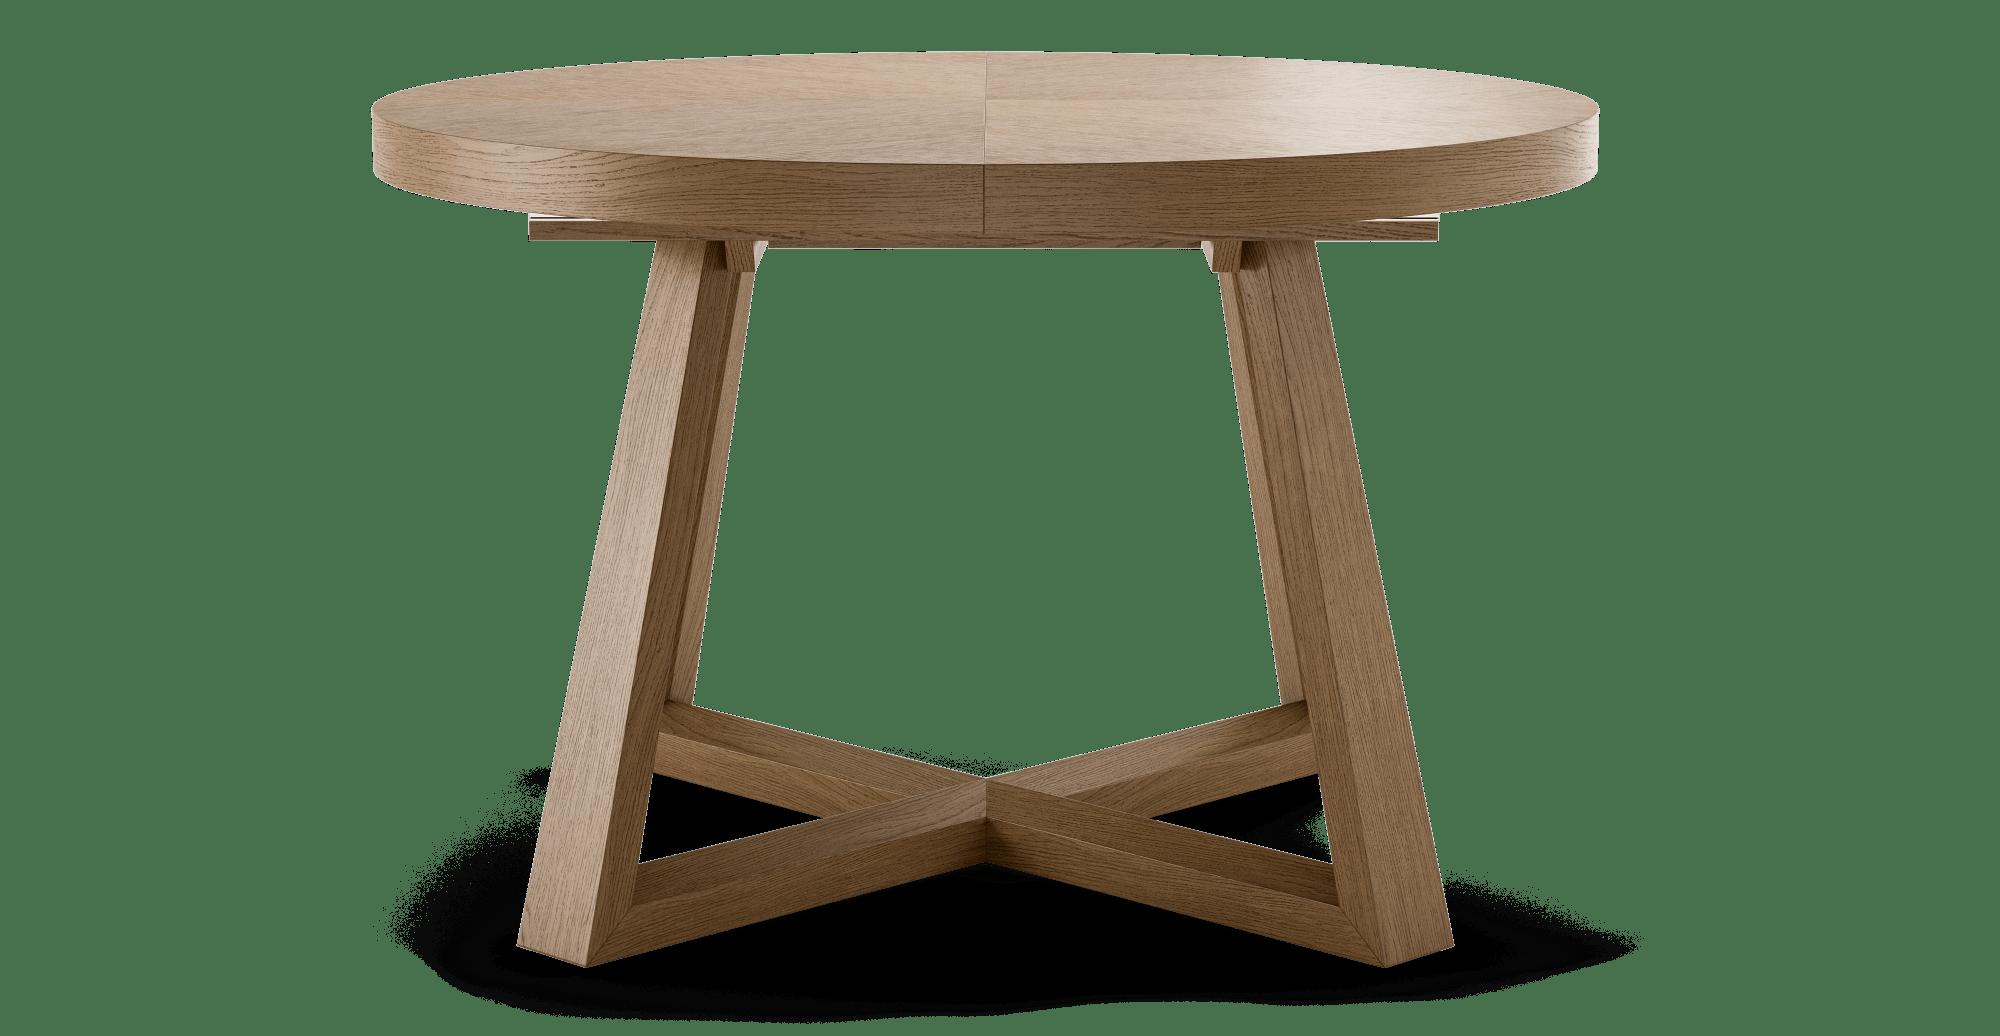 Parc Extendable Dining Table 120 160cm Extendable Dining Table Dining Table Round Extendable Dining Table